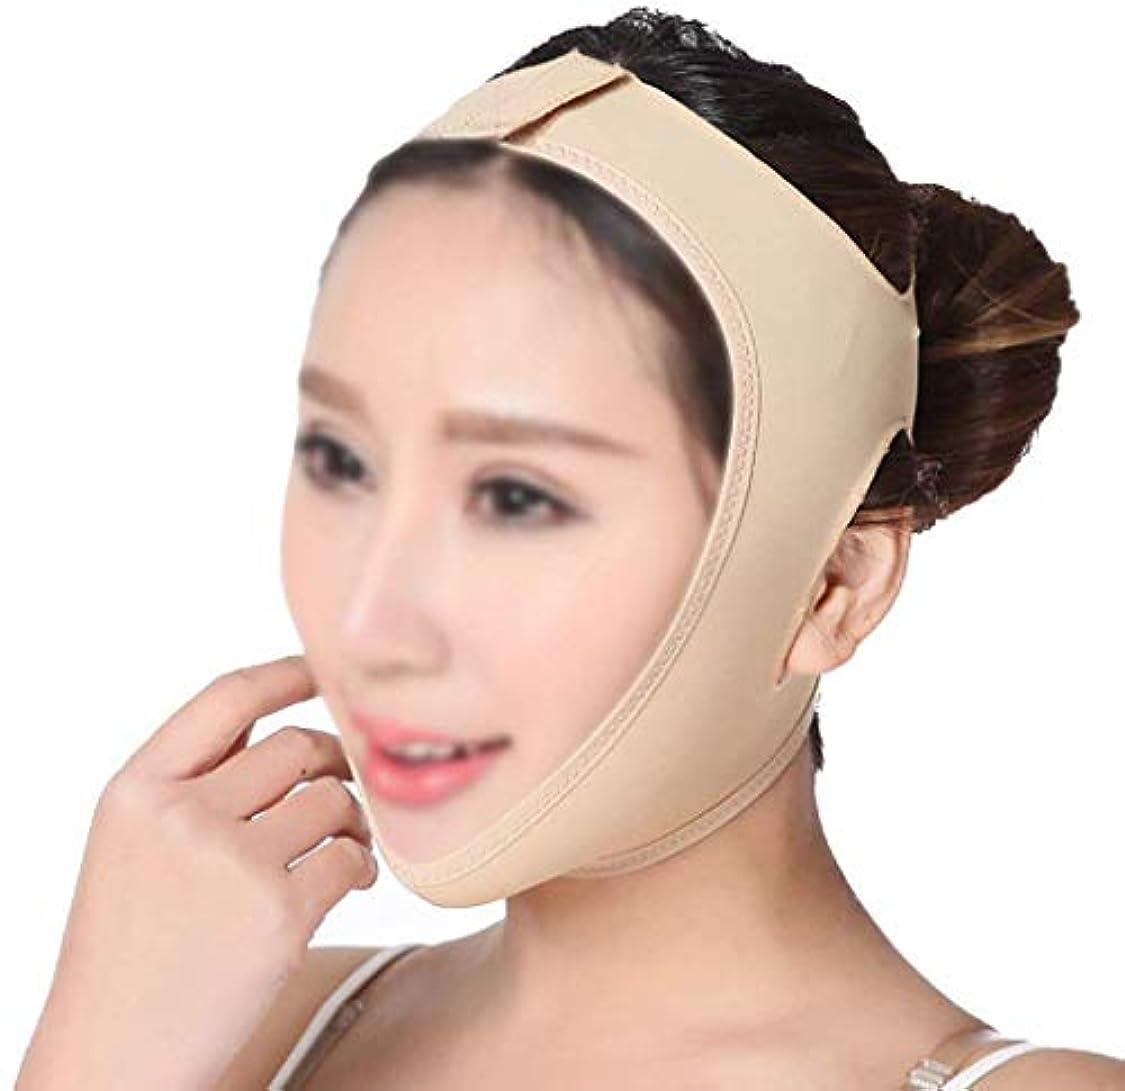 状専門化する水銀のスリミングVフェイスマスク、フェイスリフティングバンデージ、Vフェイスインストゥルメントフェイスマスクアーティファクトファーミングマスクマニュアルフェイシャルマッサージ器 肌のトーン(サイズ:Xl)